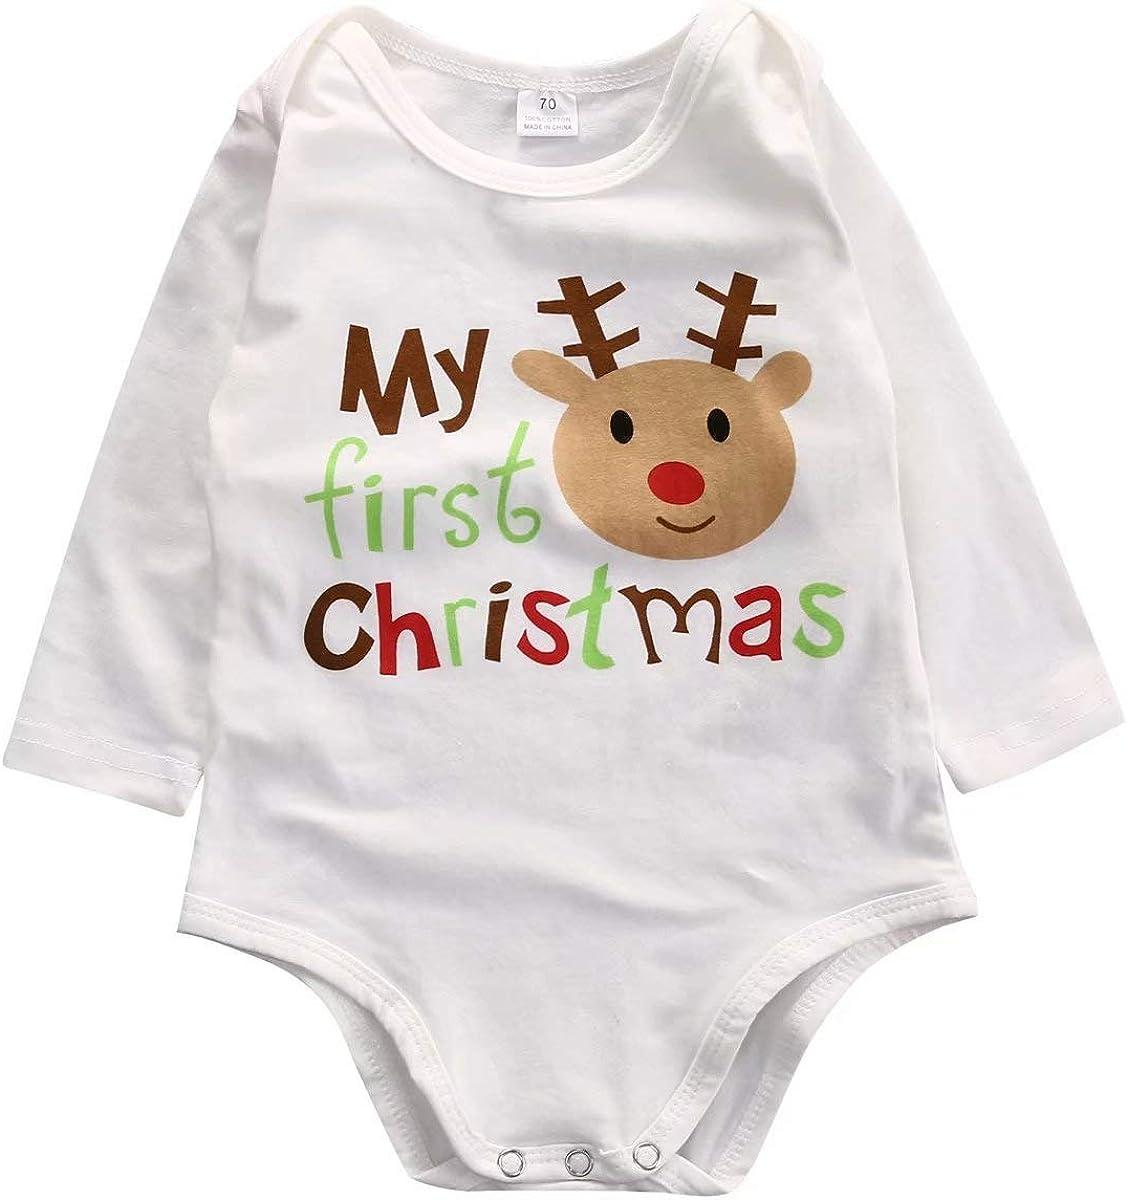 Geagodelia Strampler f/ür Neugeborene mit Weihnachten f/ür Jungen und M/ädchen lang/ärmelig